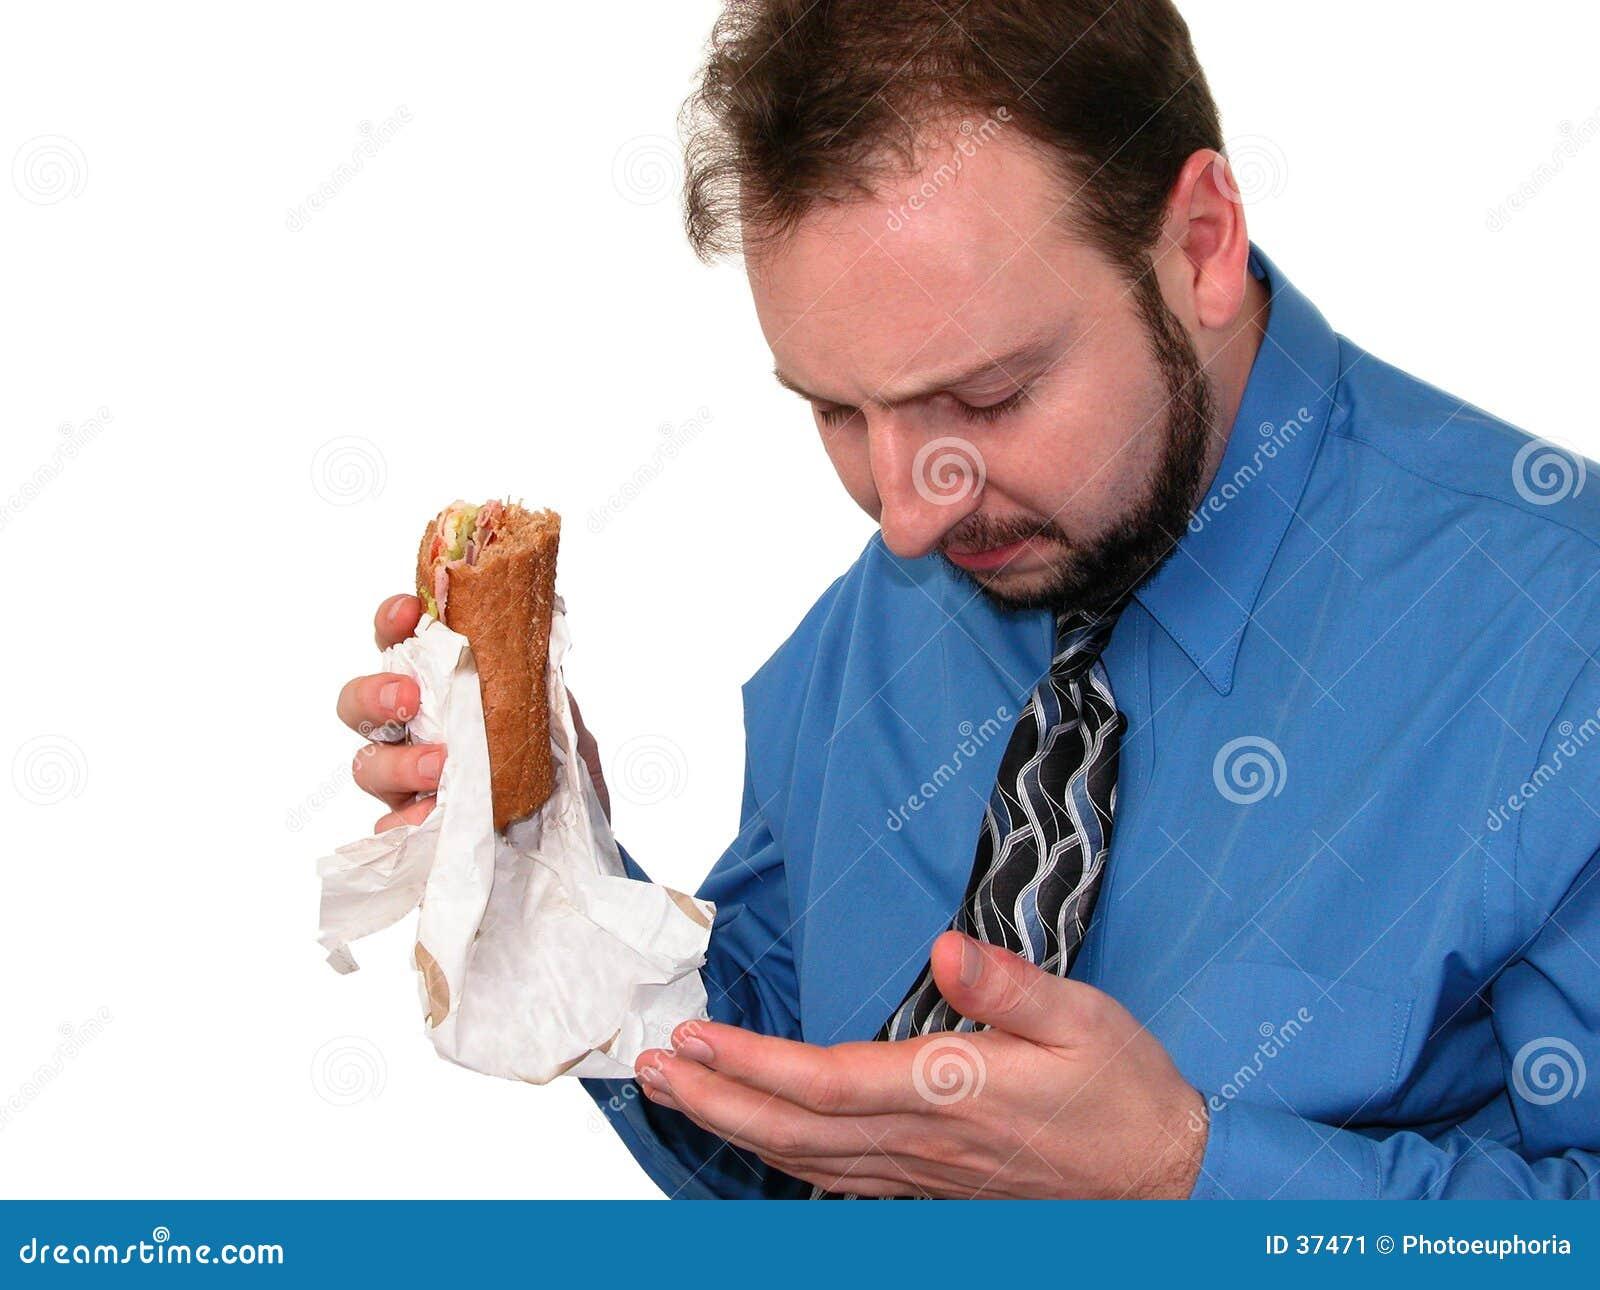 Business: Lunch Break (2 of 4)